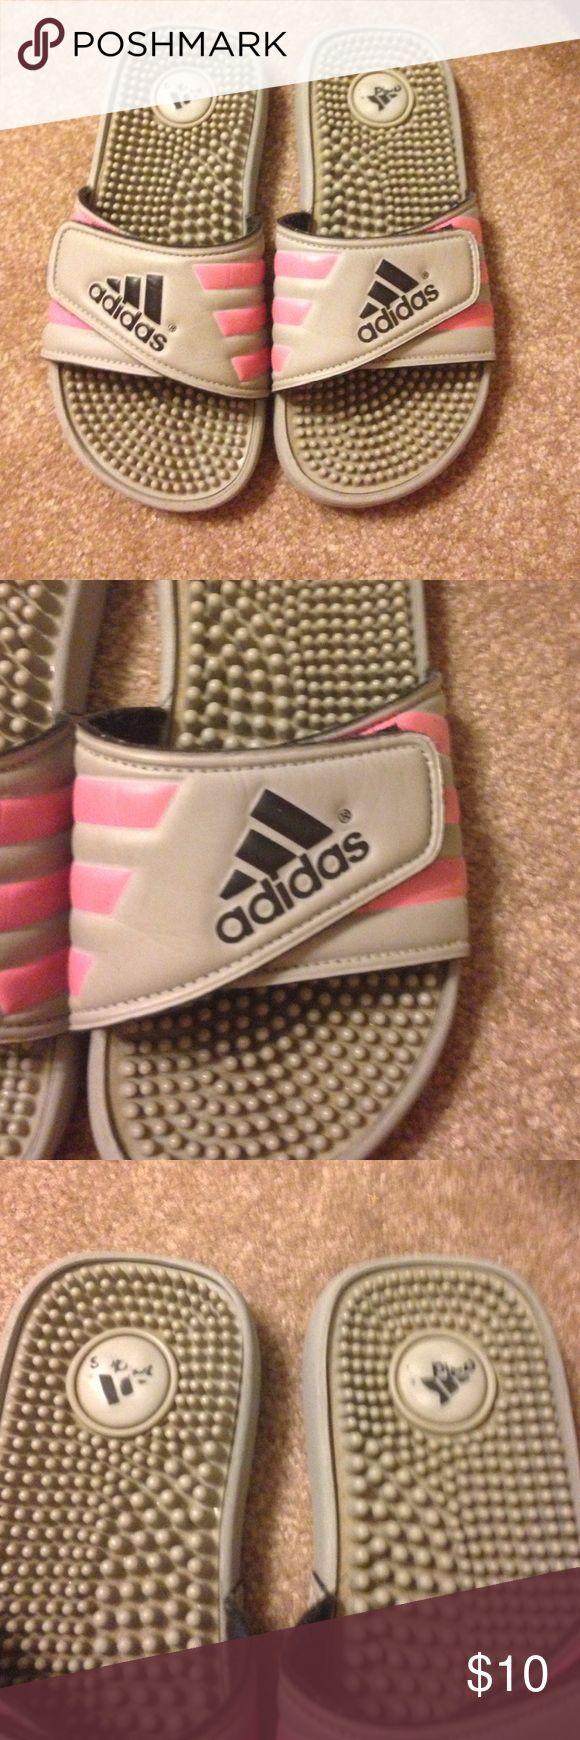 Cool Adidas Shoes Adidas Gray and Pink Slides Used Adidas Gray and Pink Slides. Retail $20! These ... Check more at http://24shopping.ga/fashion/adidas-shoes-adidas-gray-and-pink-slides-used-adidas-gray-and-pink-slides-retail-20-these/